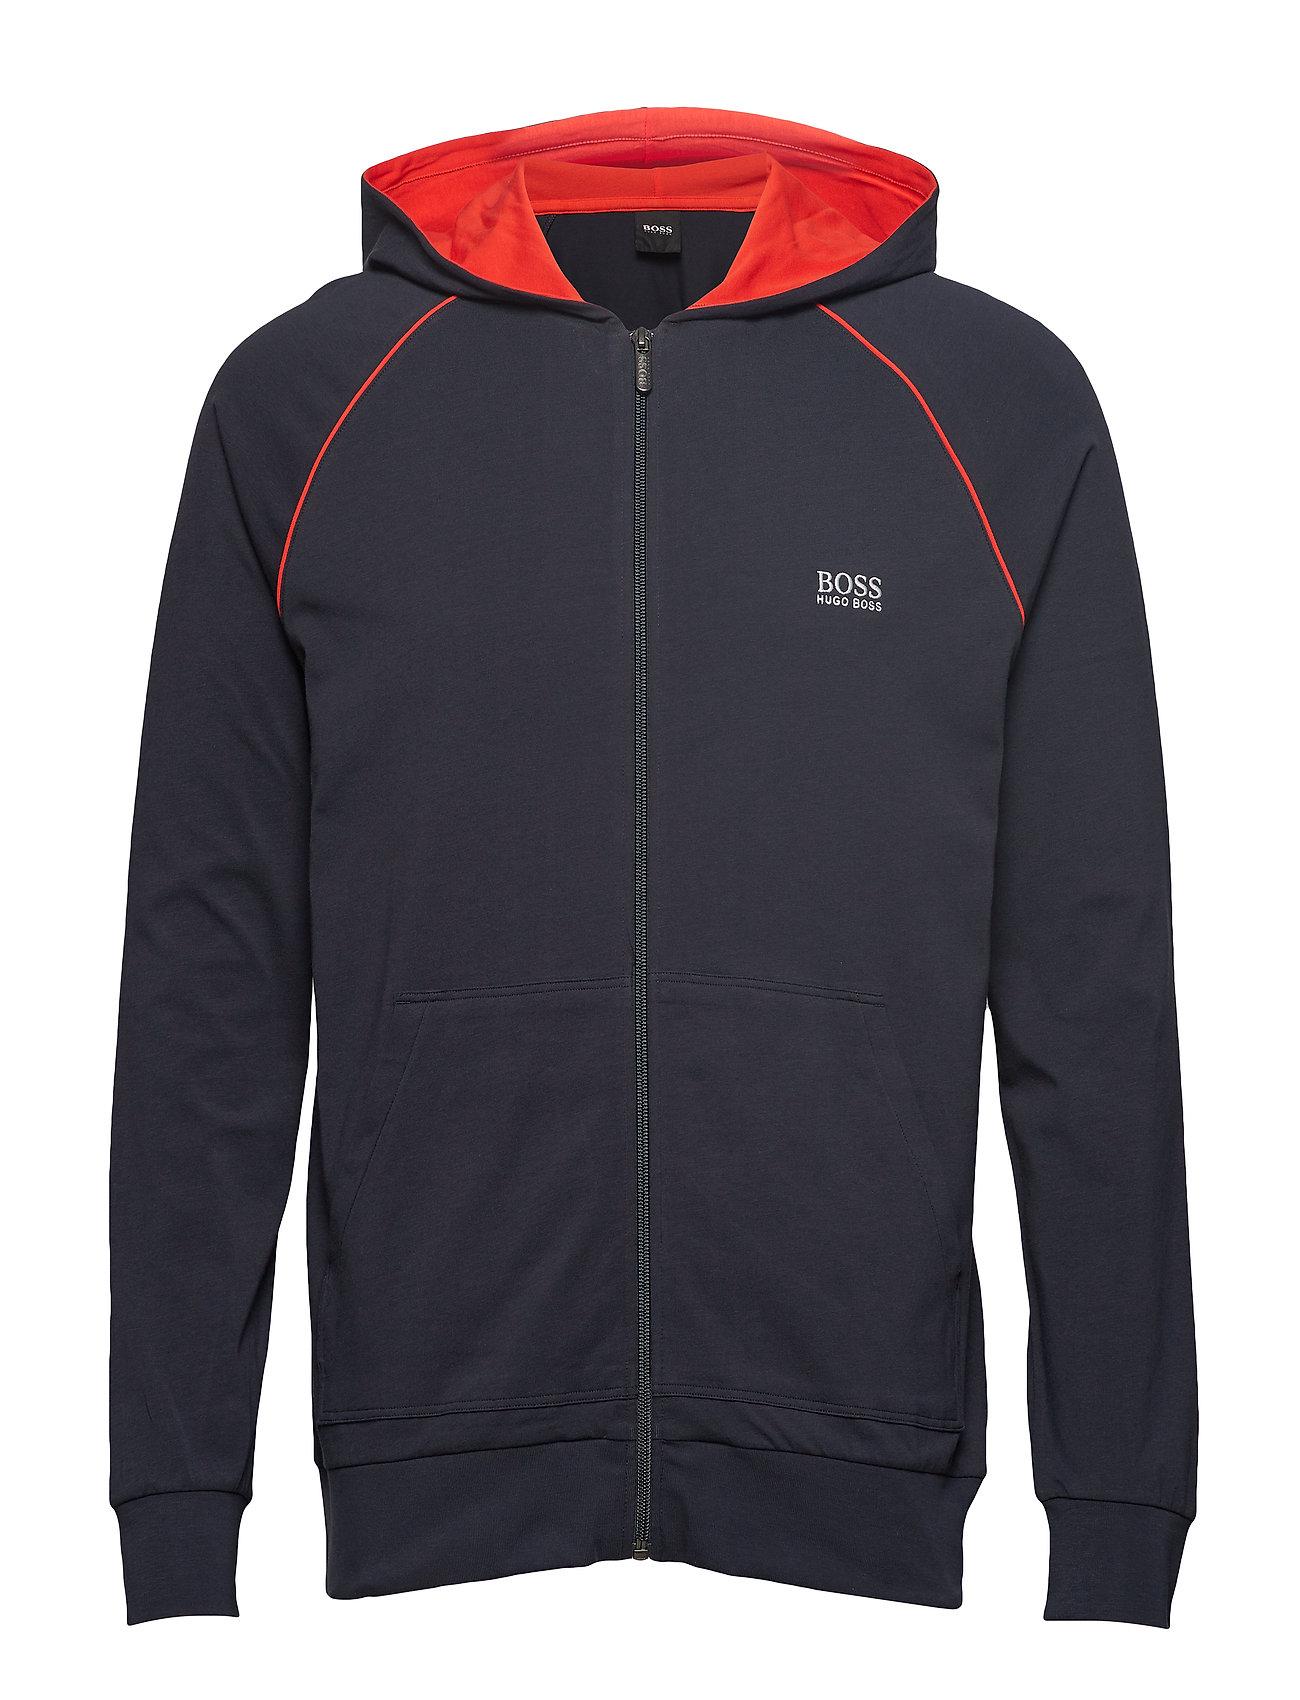 BOSS Business Wear Mix&Match Jacket H - DARK BLUE